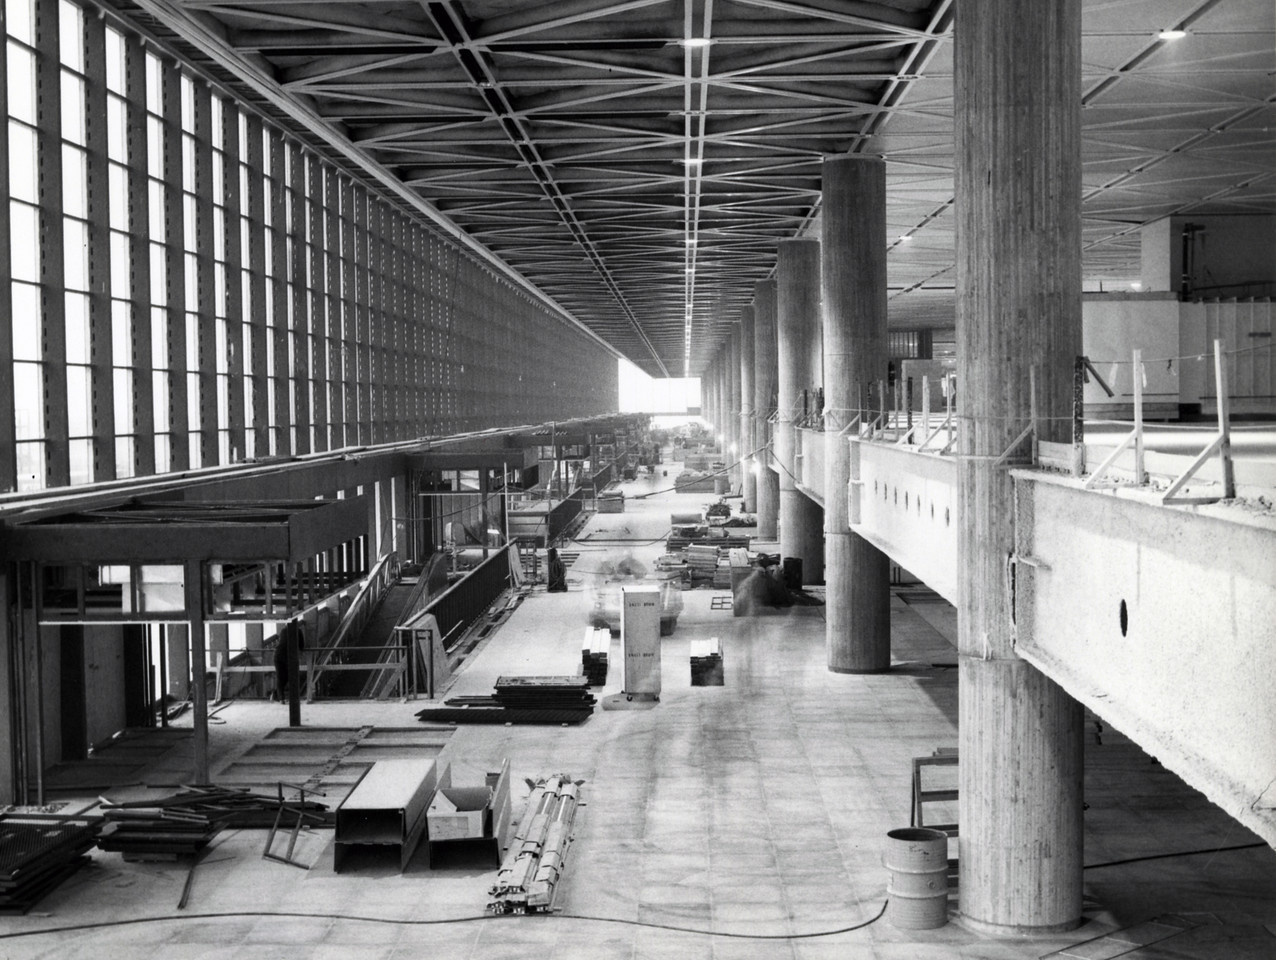 Aérogare de Mirabel - Hall d'entrée avec rampe d'accès, 20 novembre 1976, Travaux publics et services gouvernementaux Canada